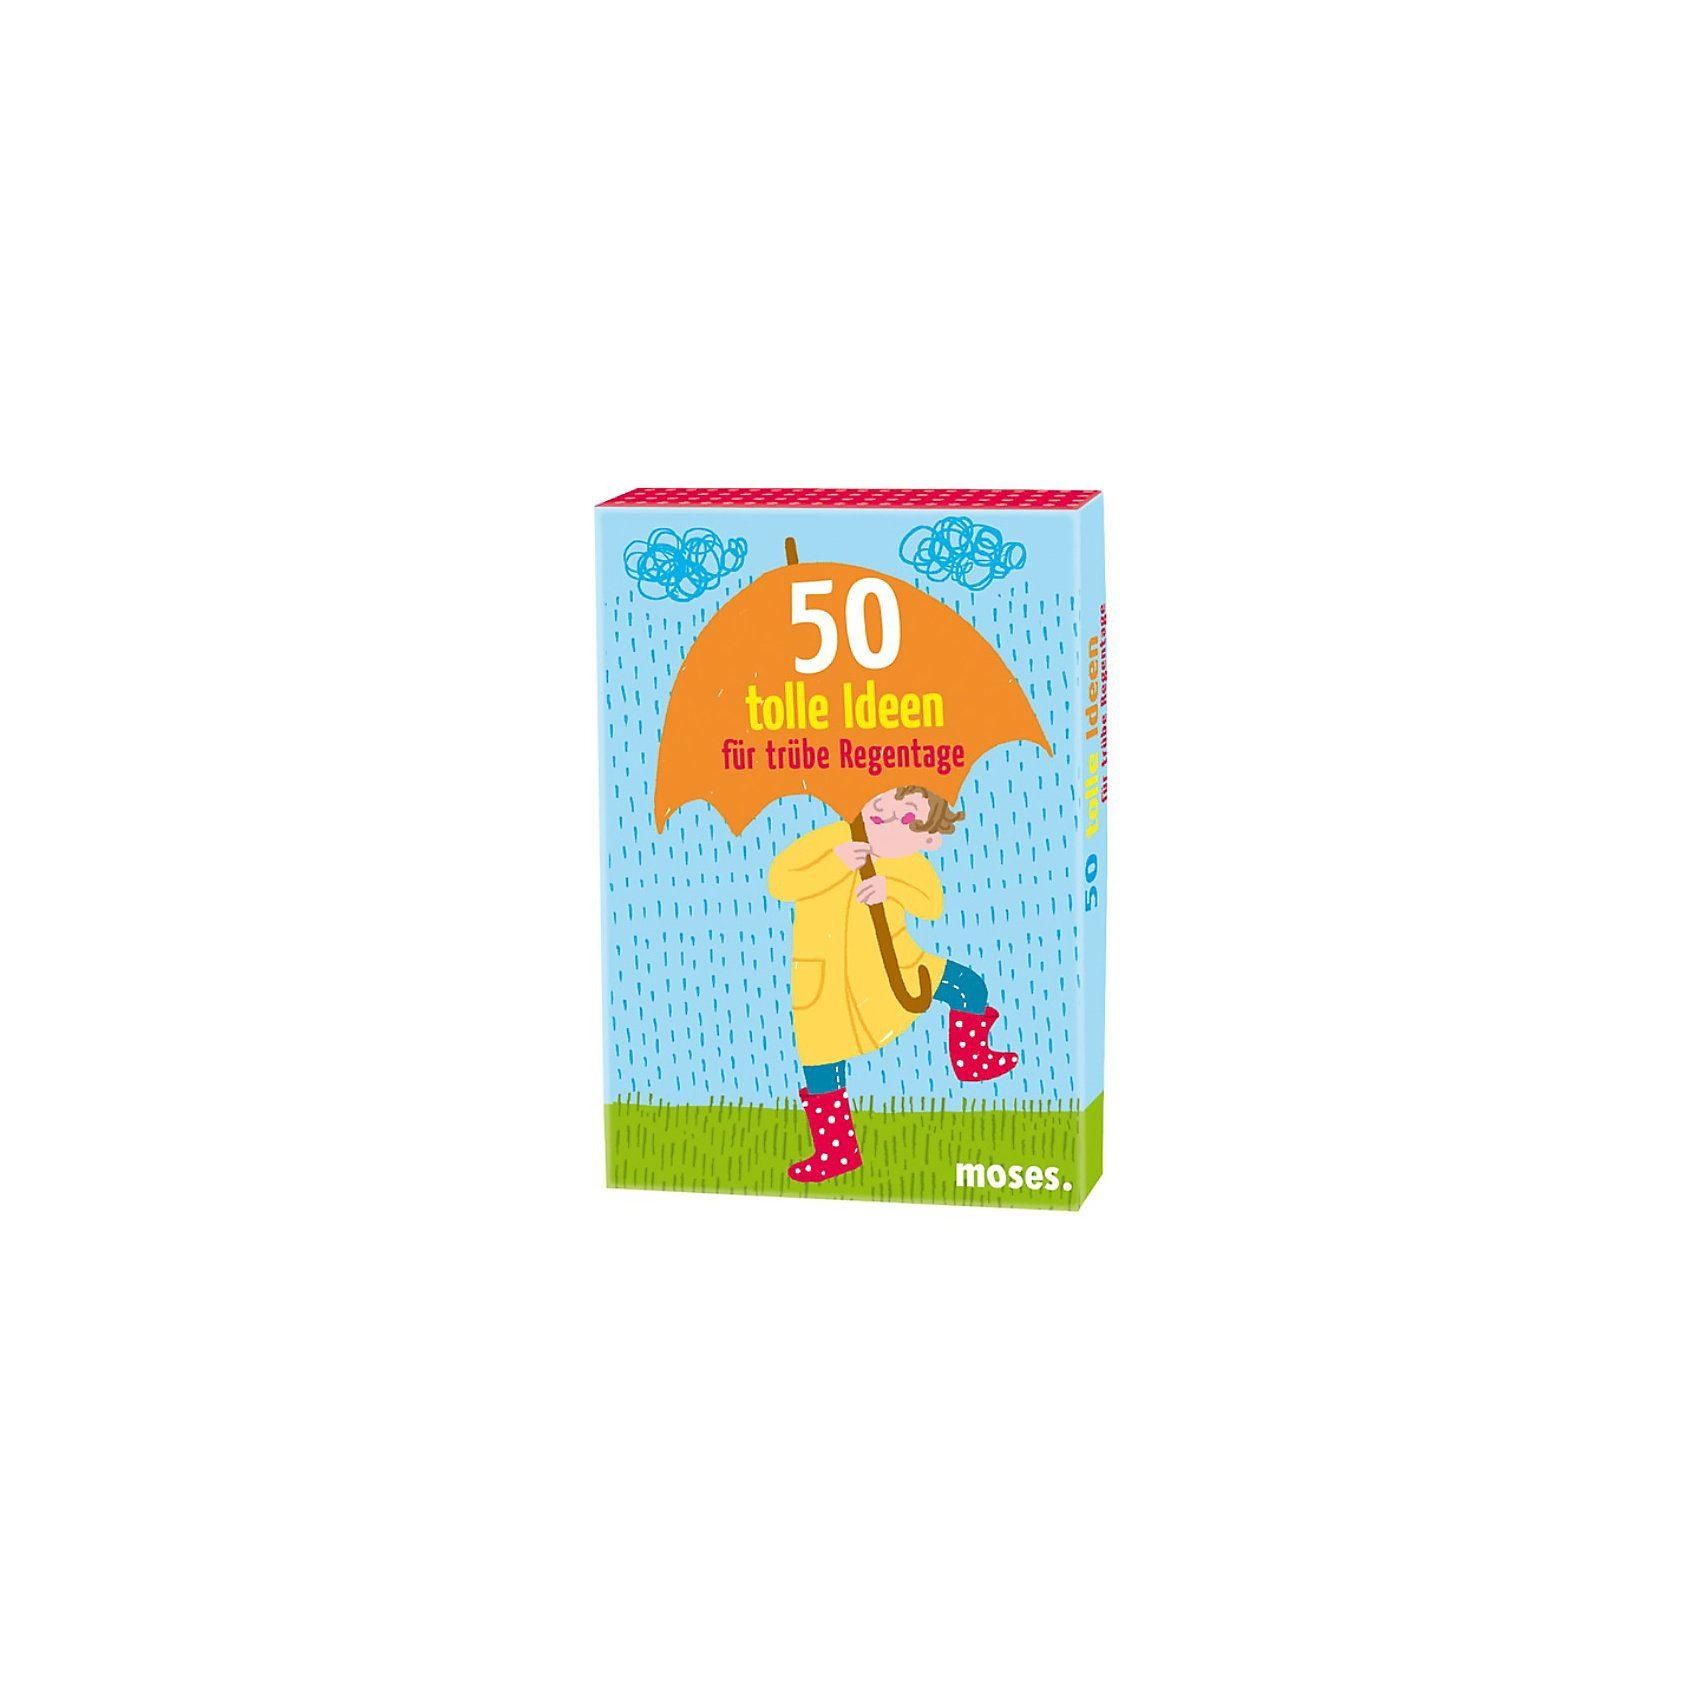 moses 50 tolle Ideen für trübe Regentage, Kartenset